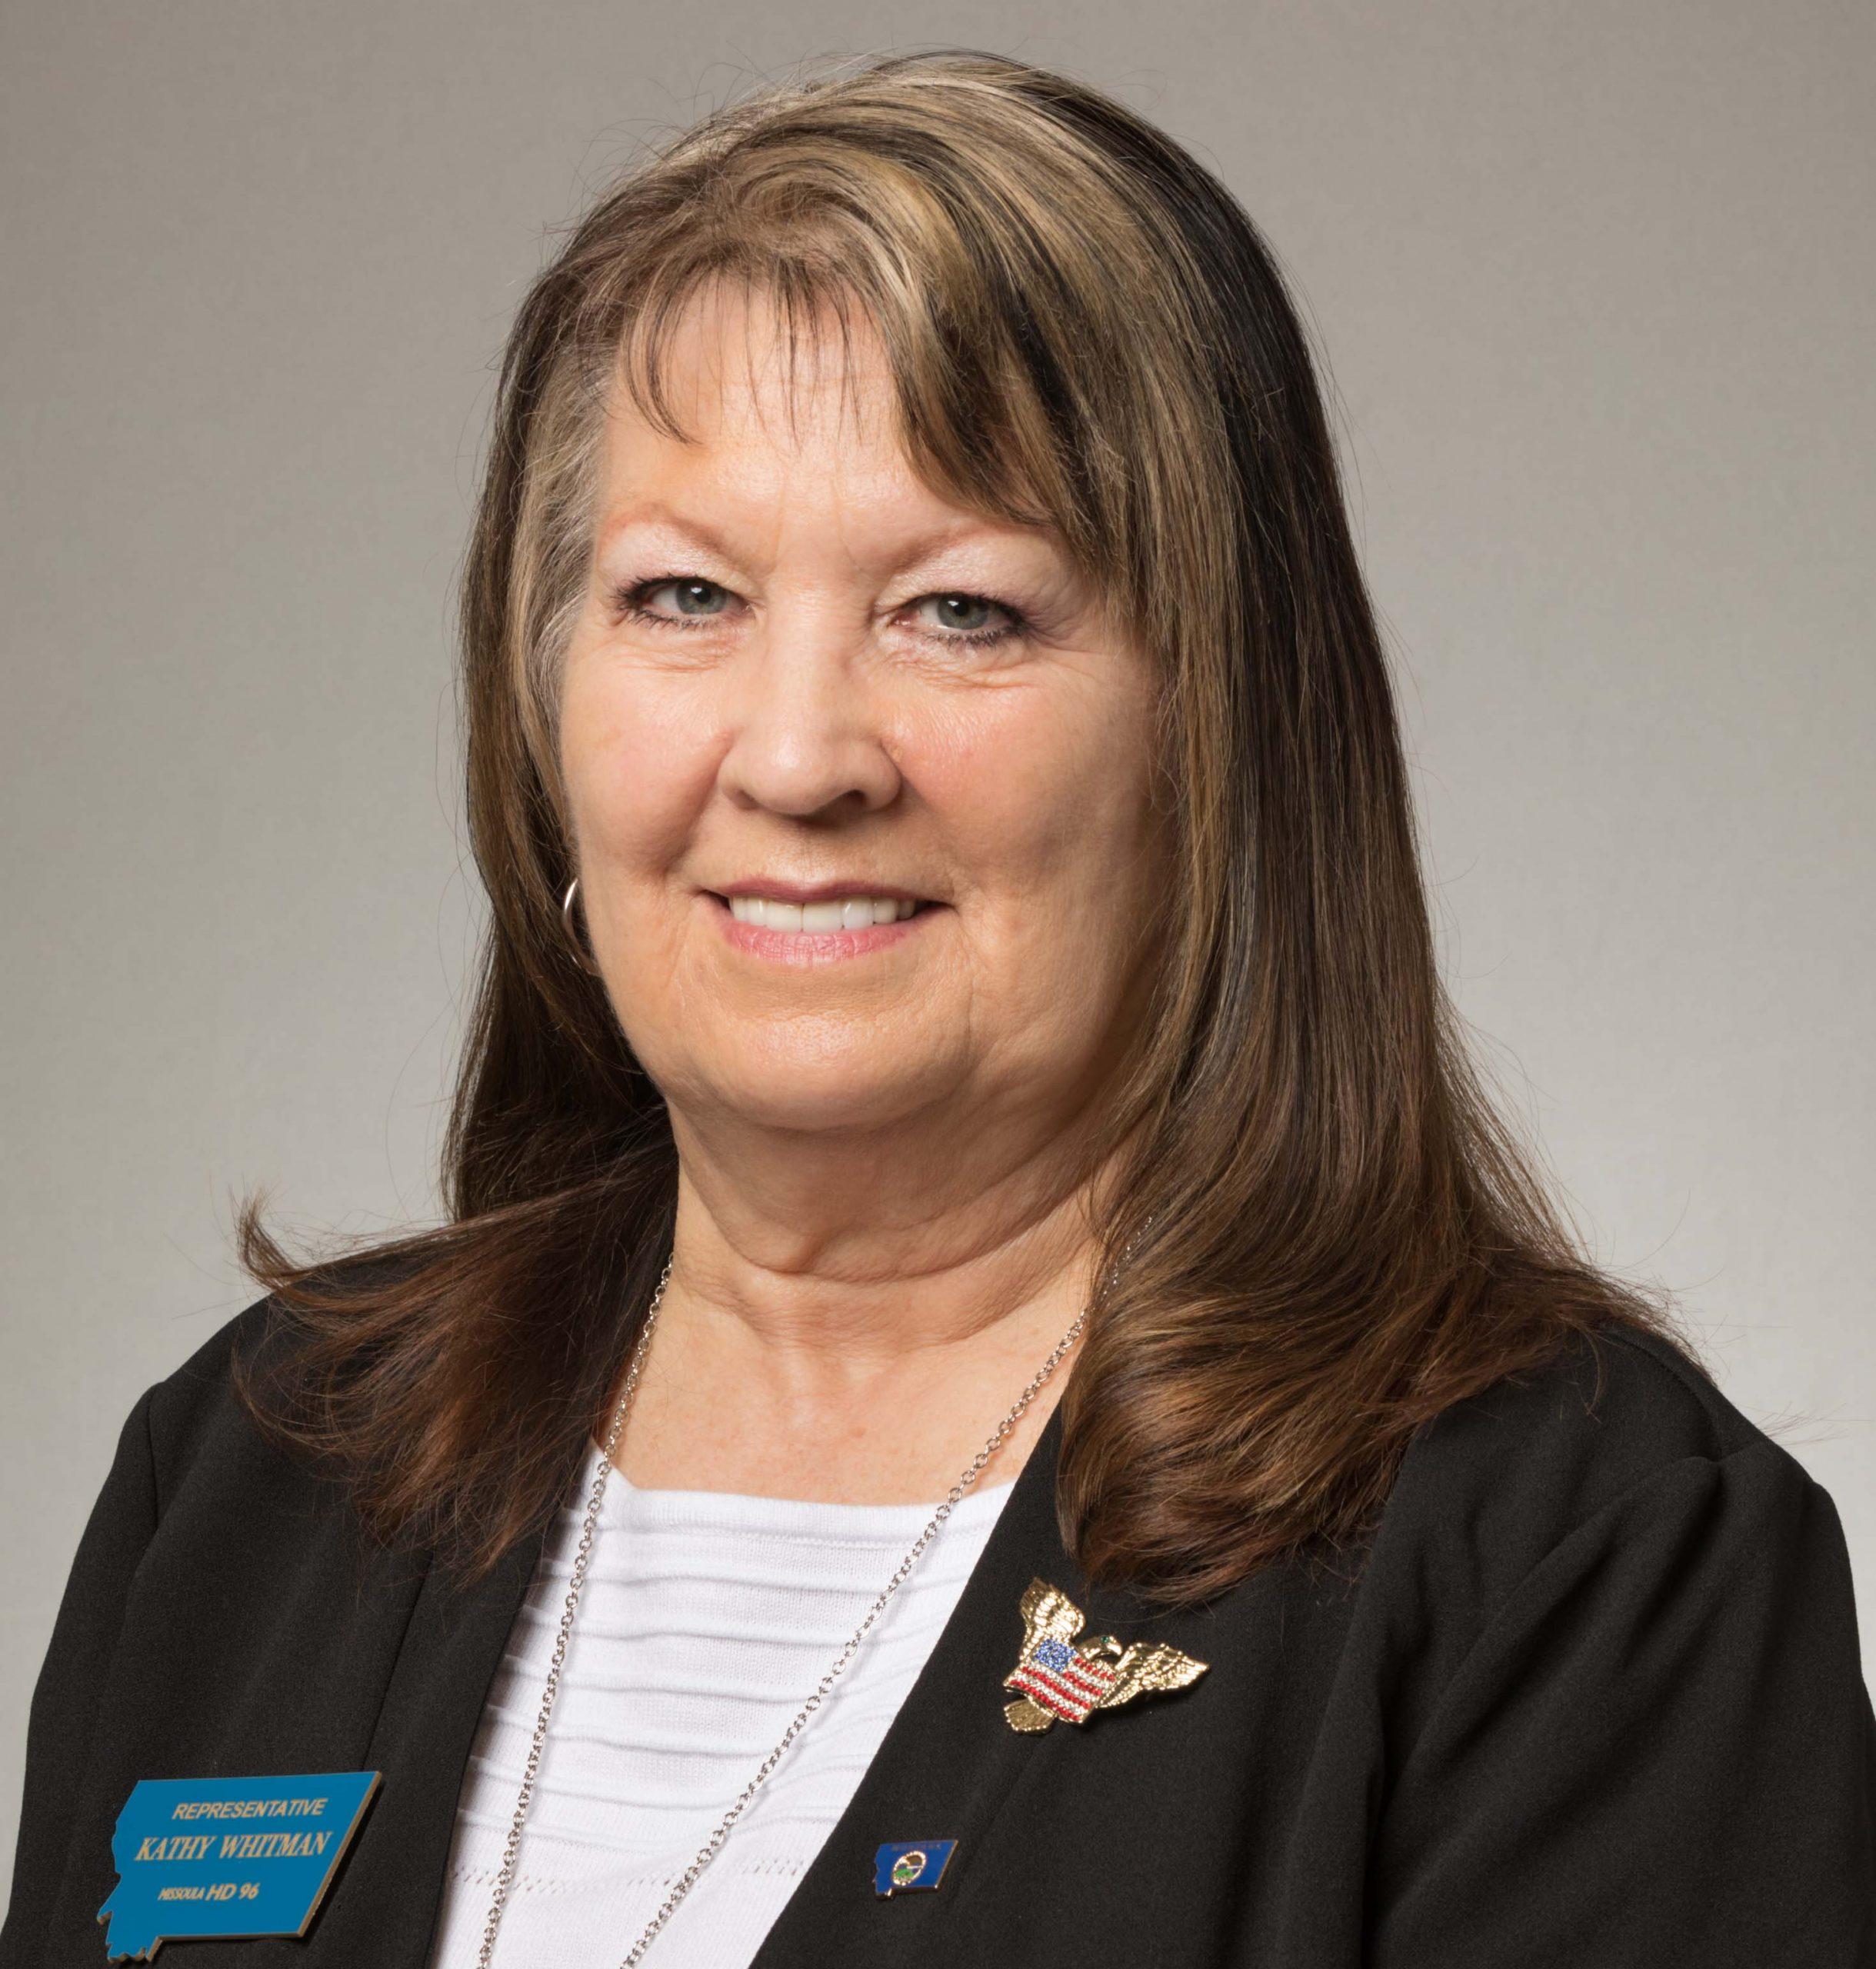 Kathy Whitman